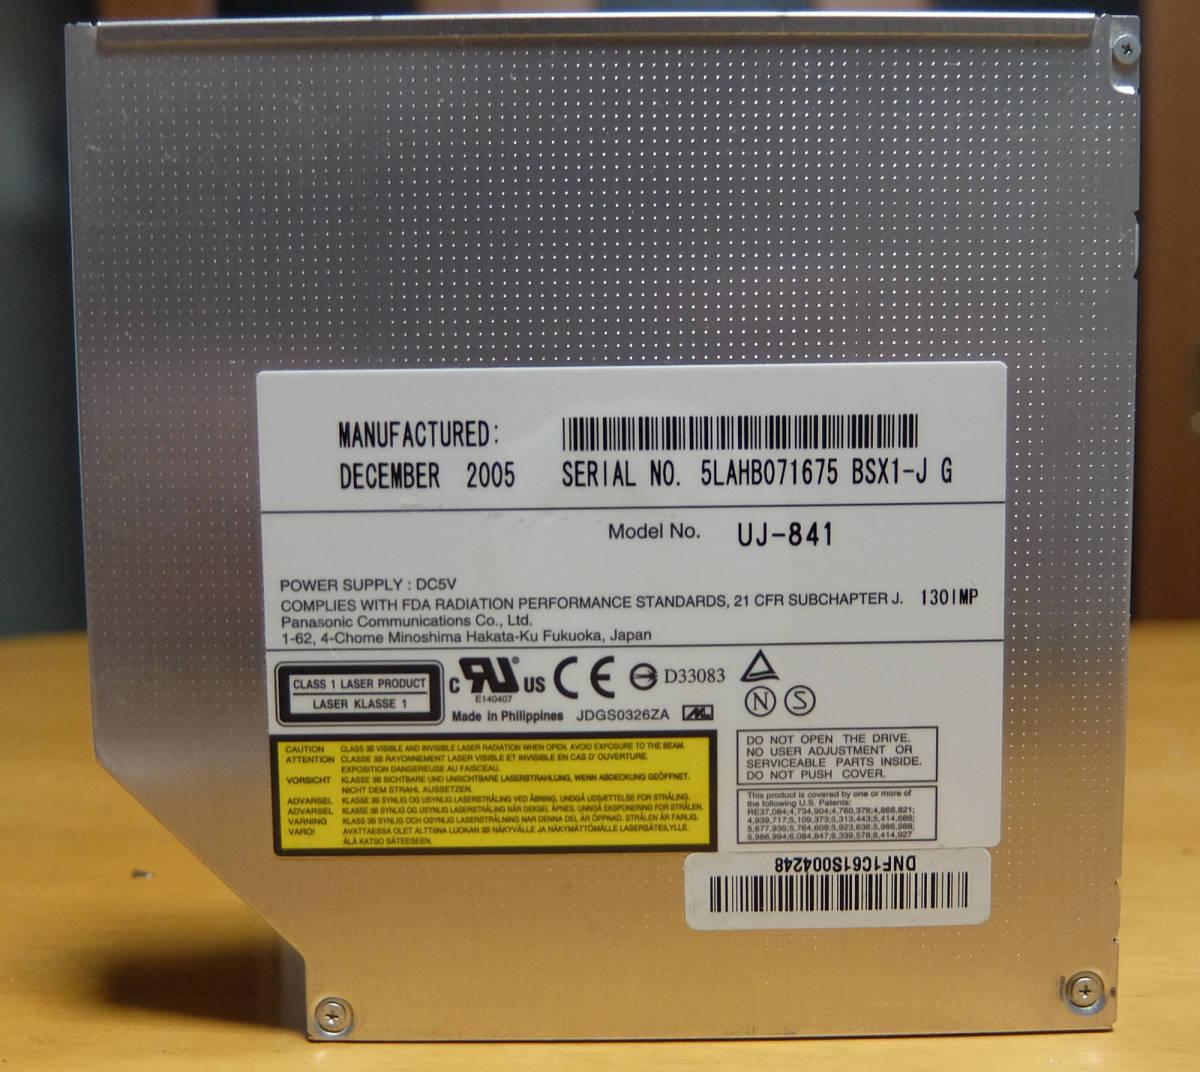 DVDマルチ IDEの情報